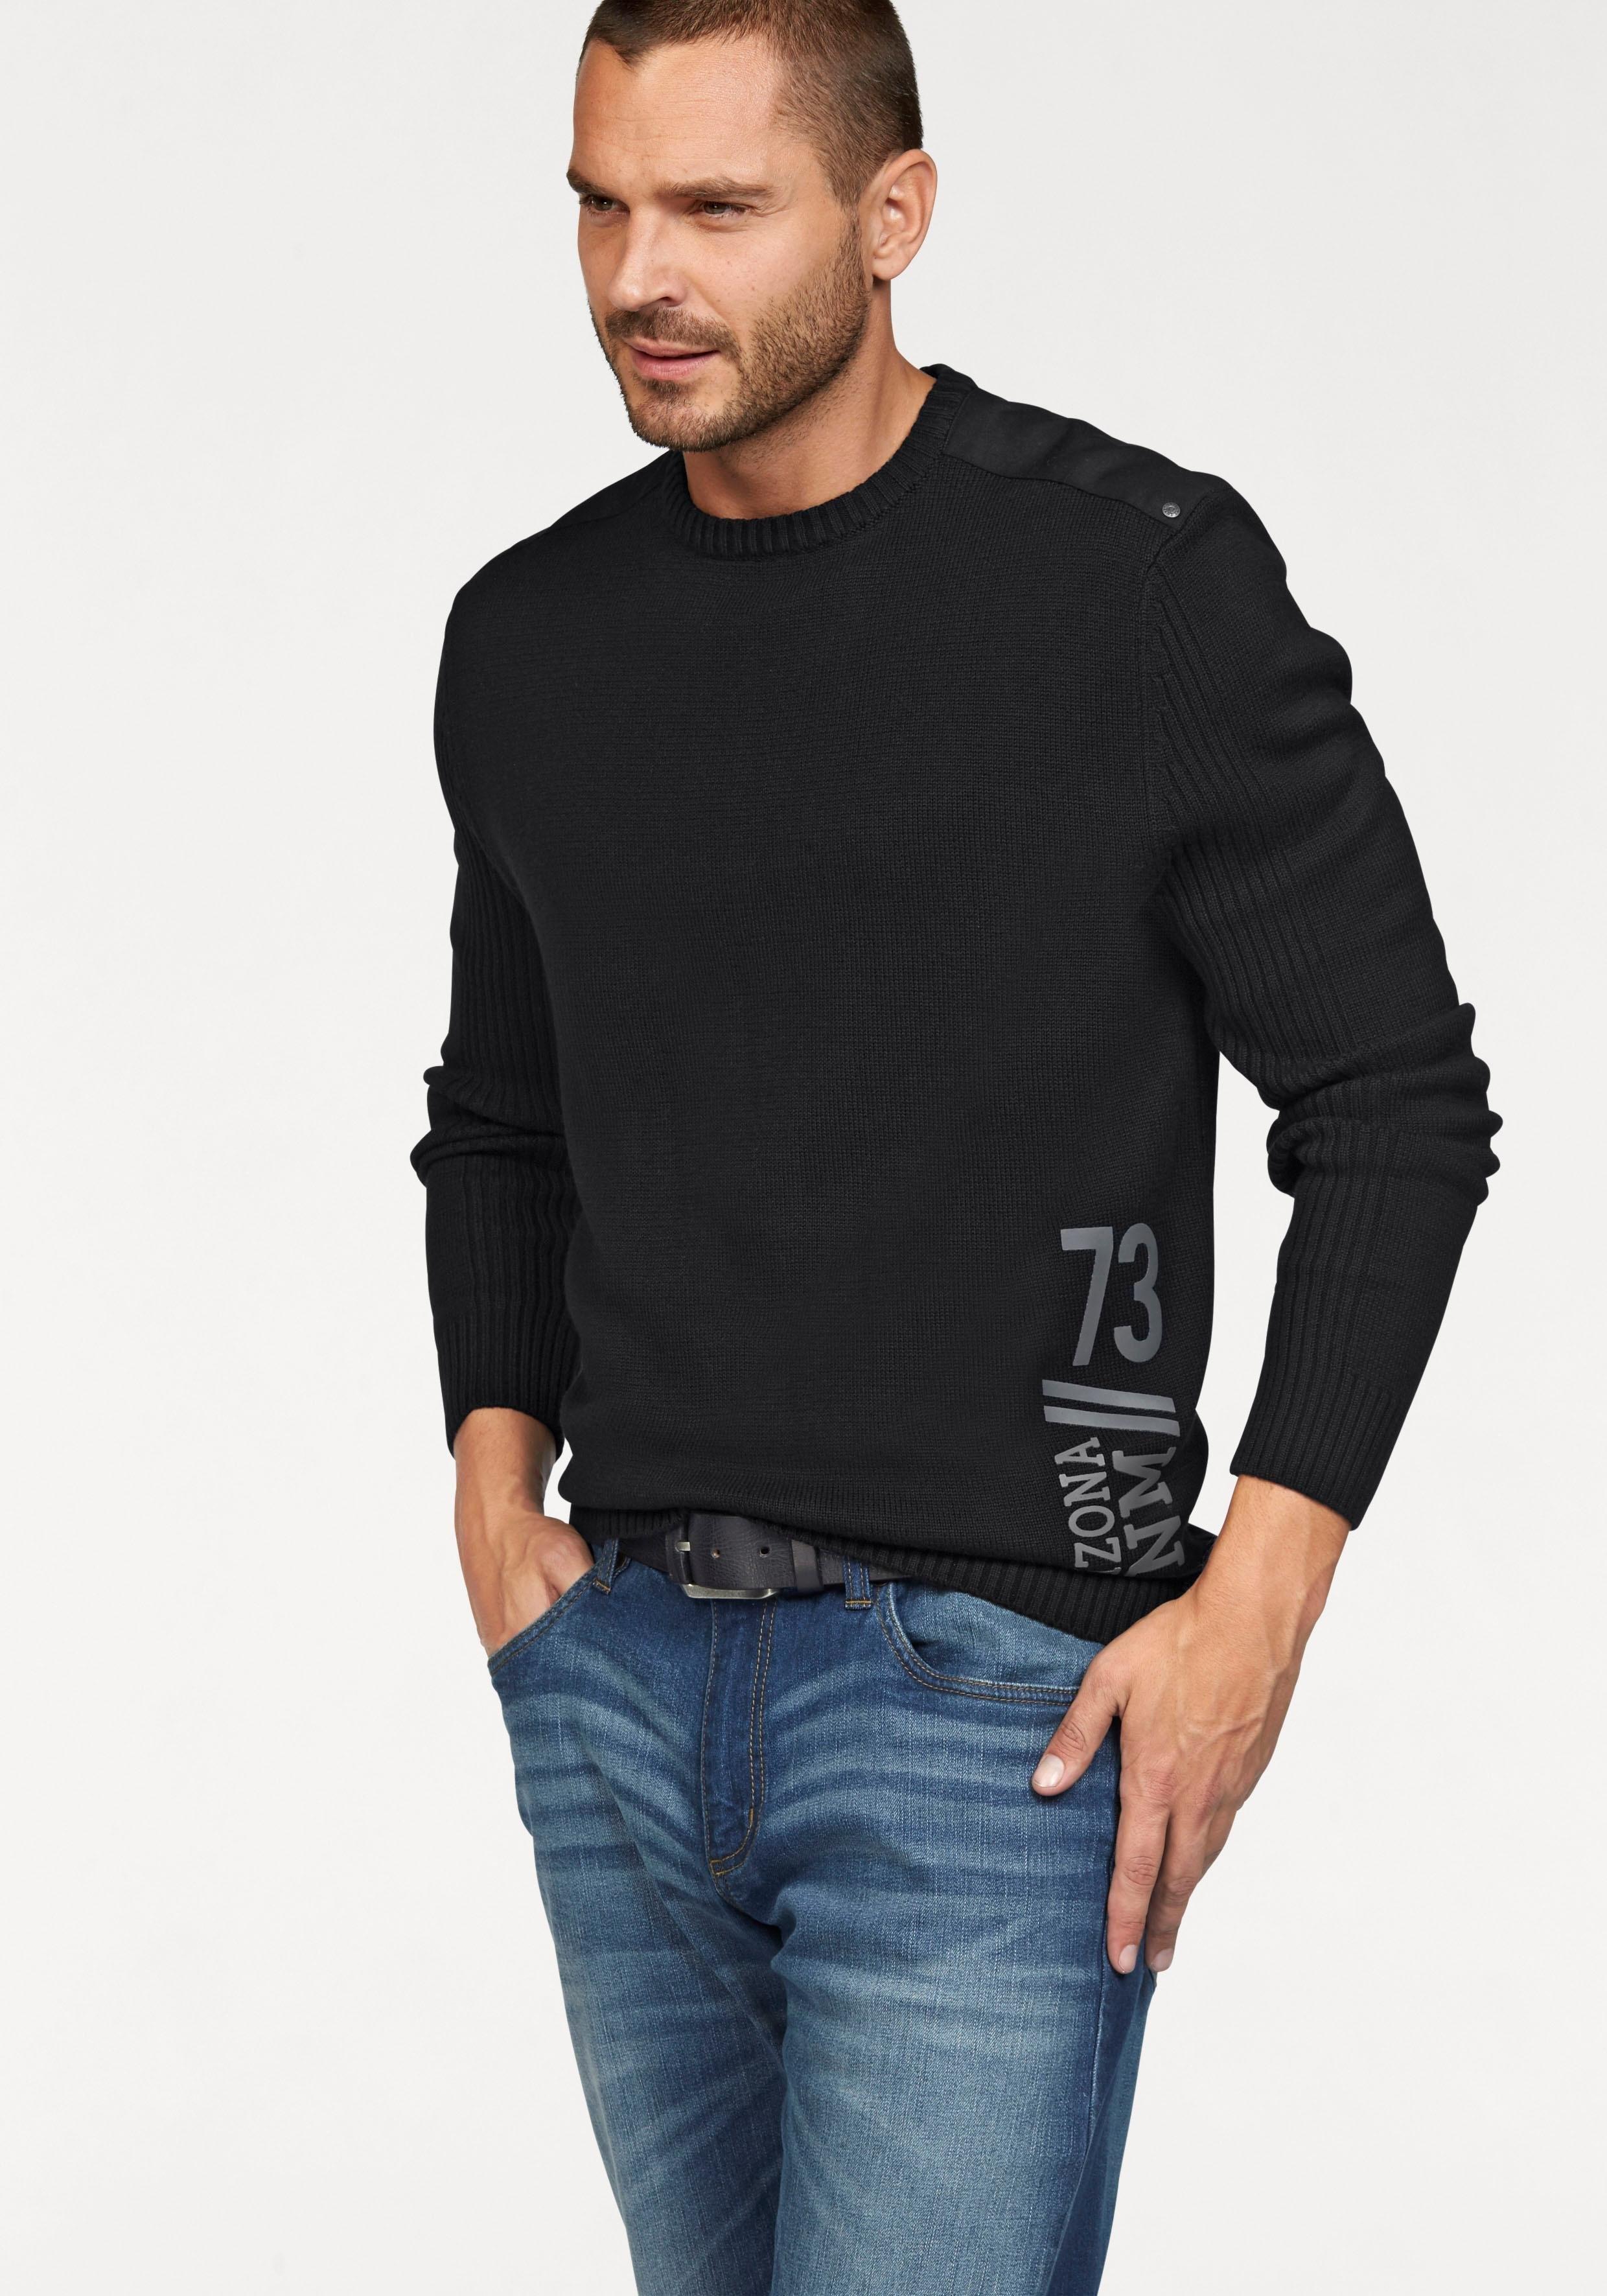 ARIZONA trui met ronde hals goedkoop op otto.nl kopen